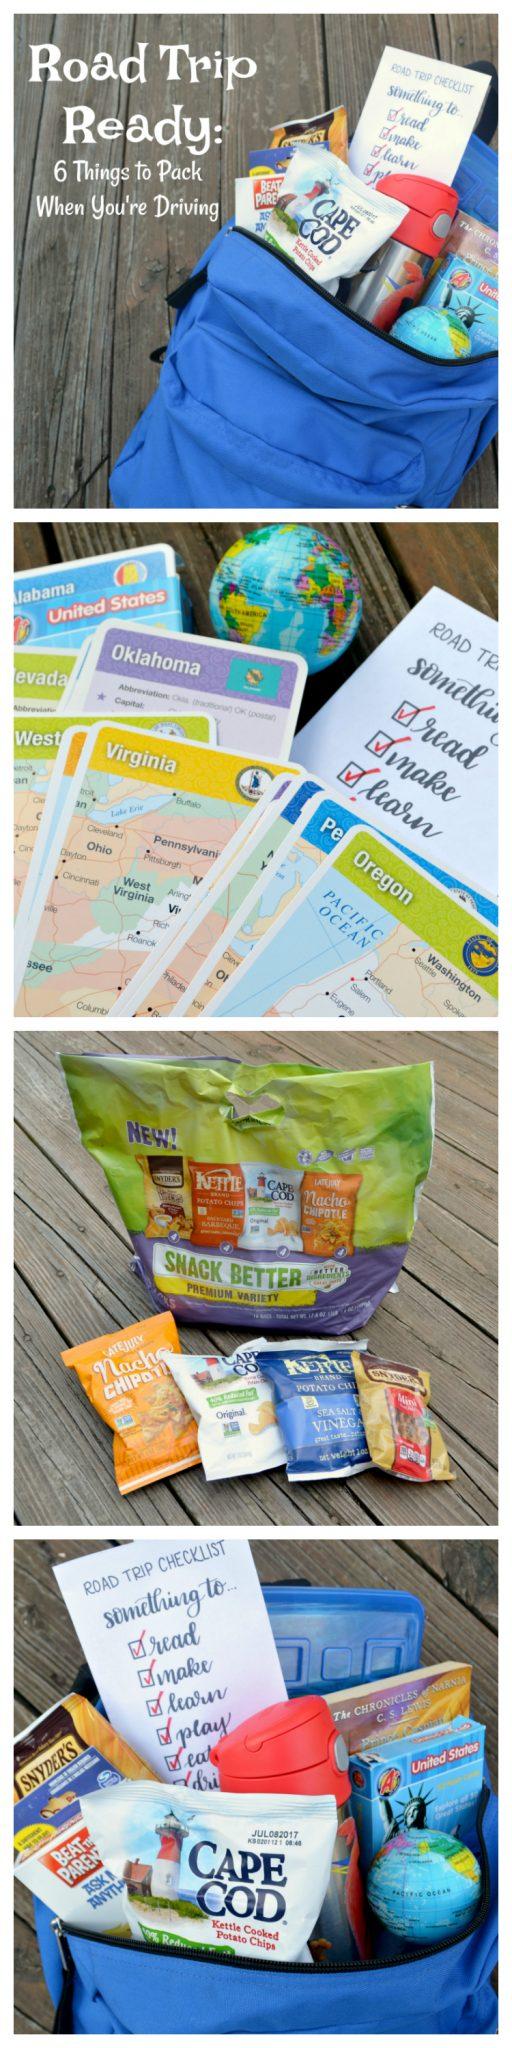 Road Trip Ready: Free Printable Road Trip Checklist